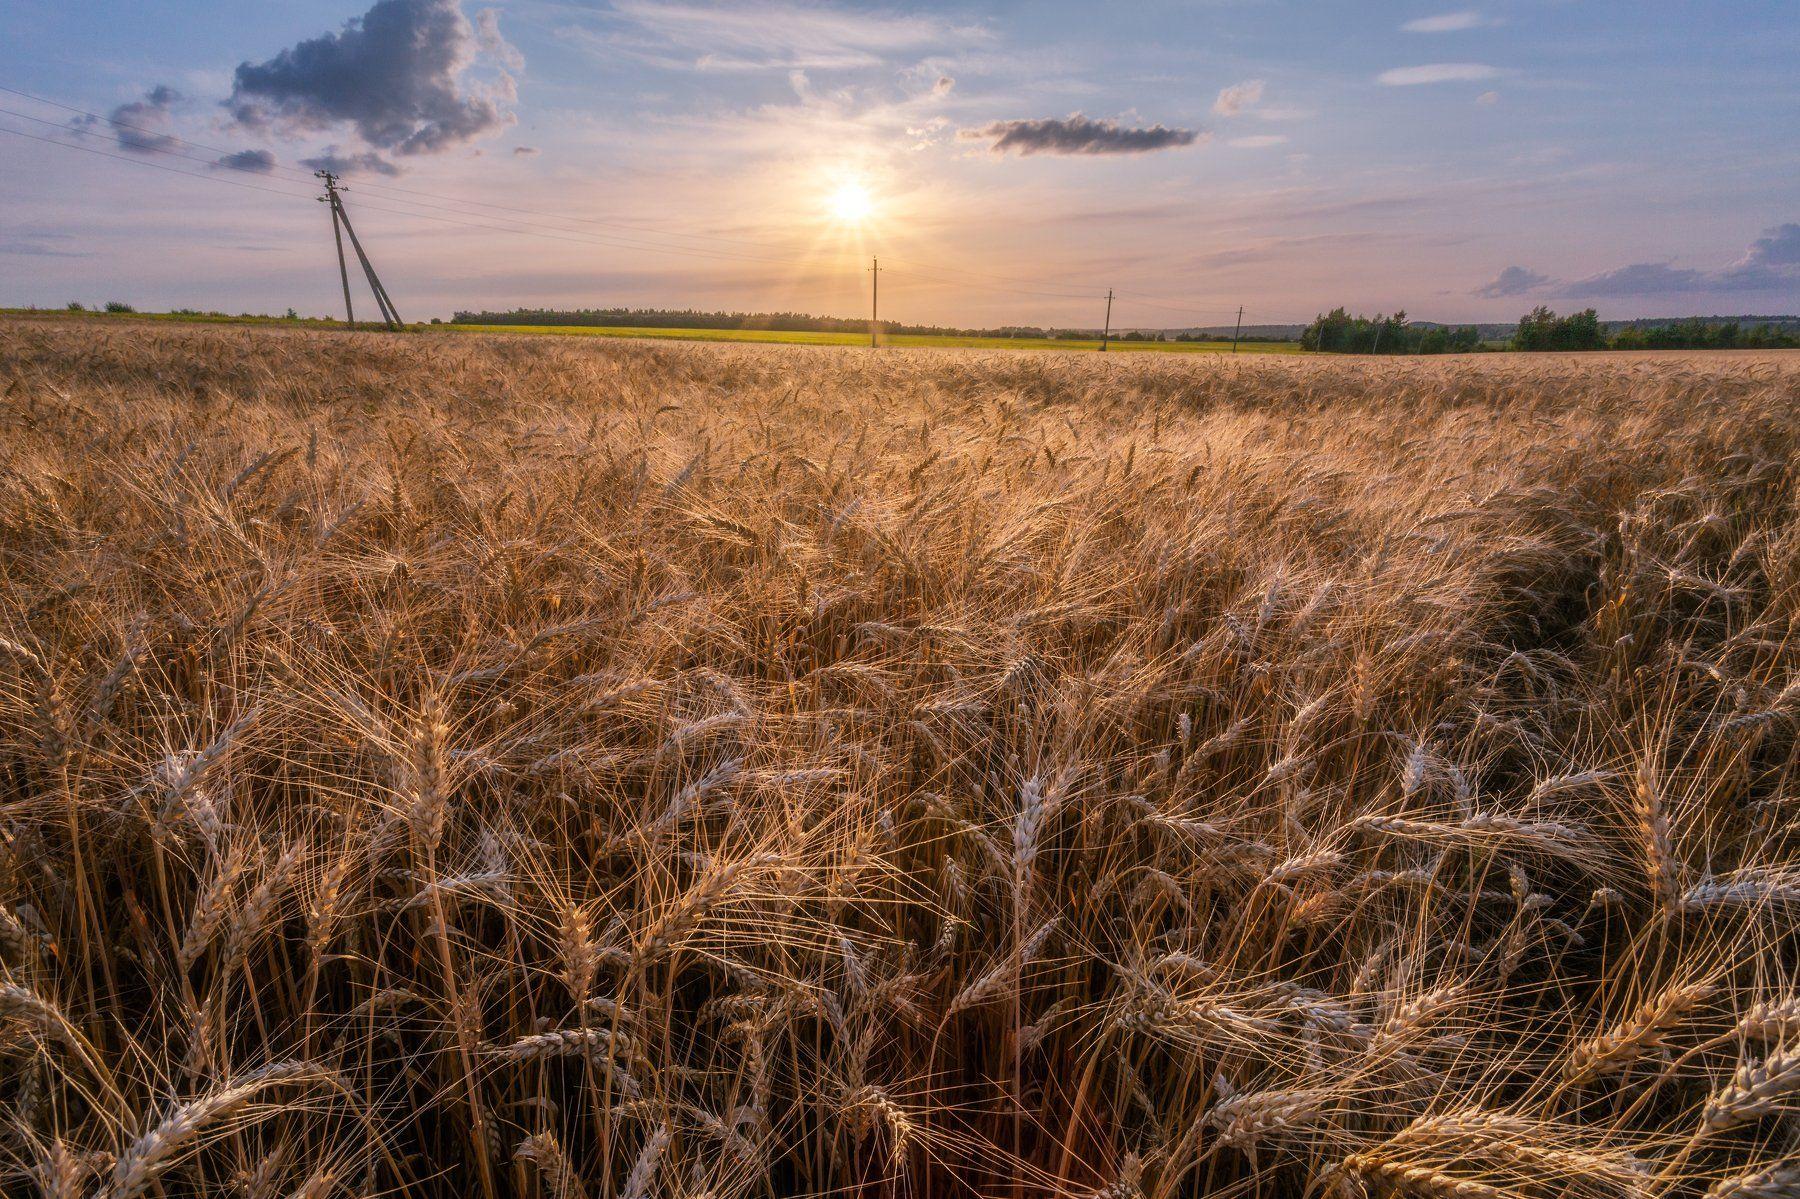 природа, пейзаж, закат, поля, тула, Мартыненко Дмитрий